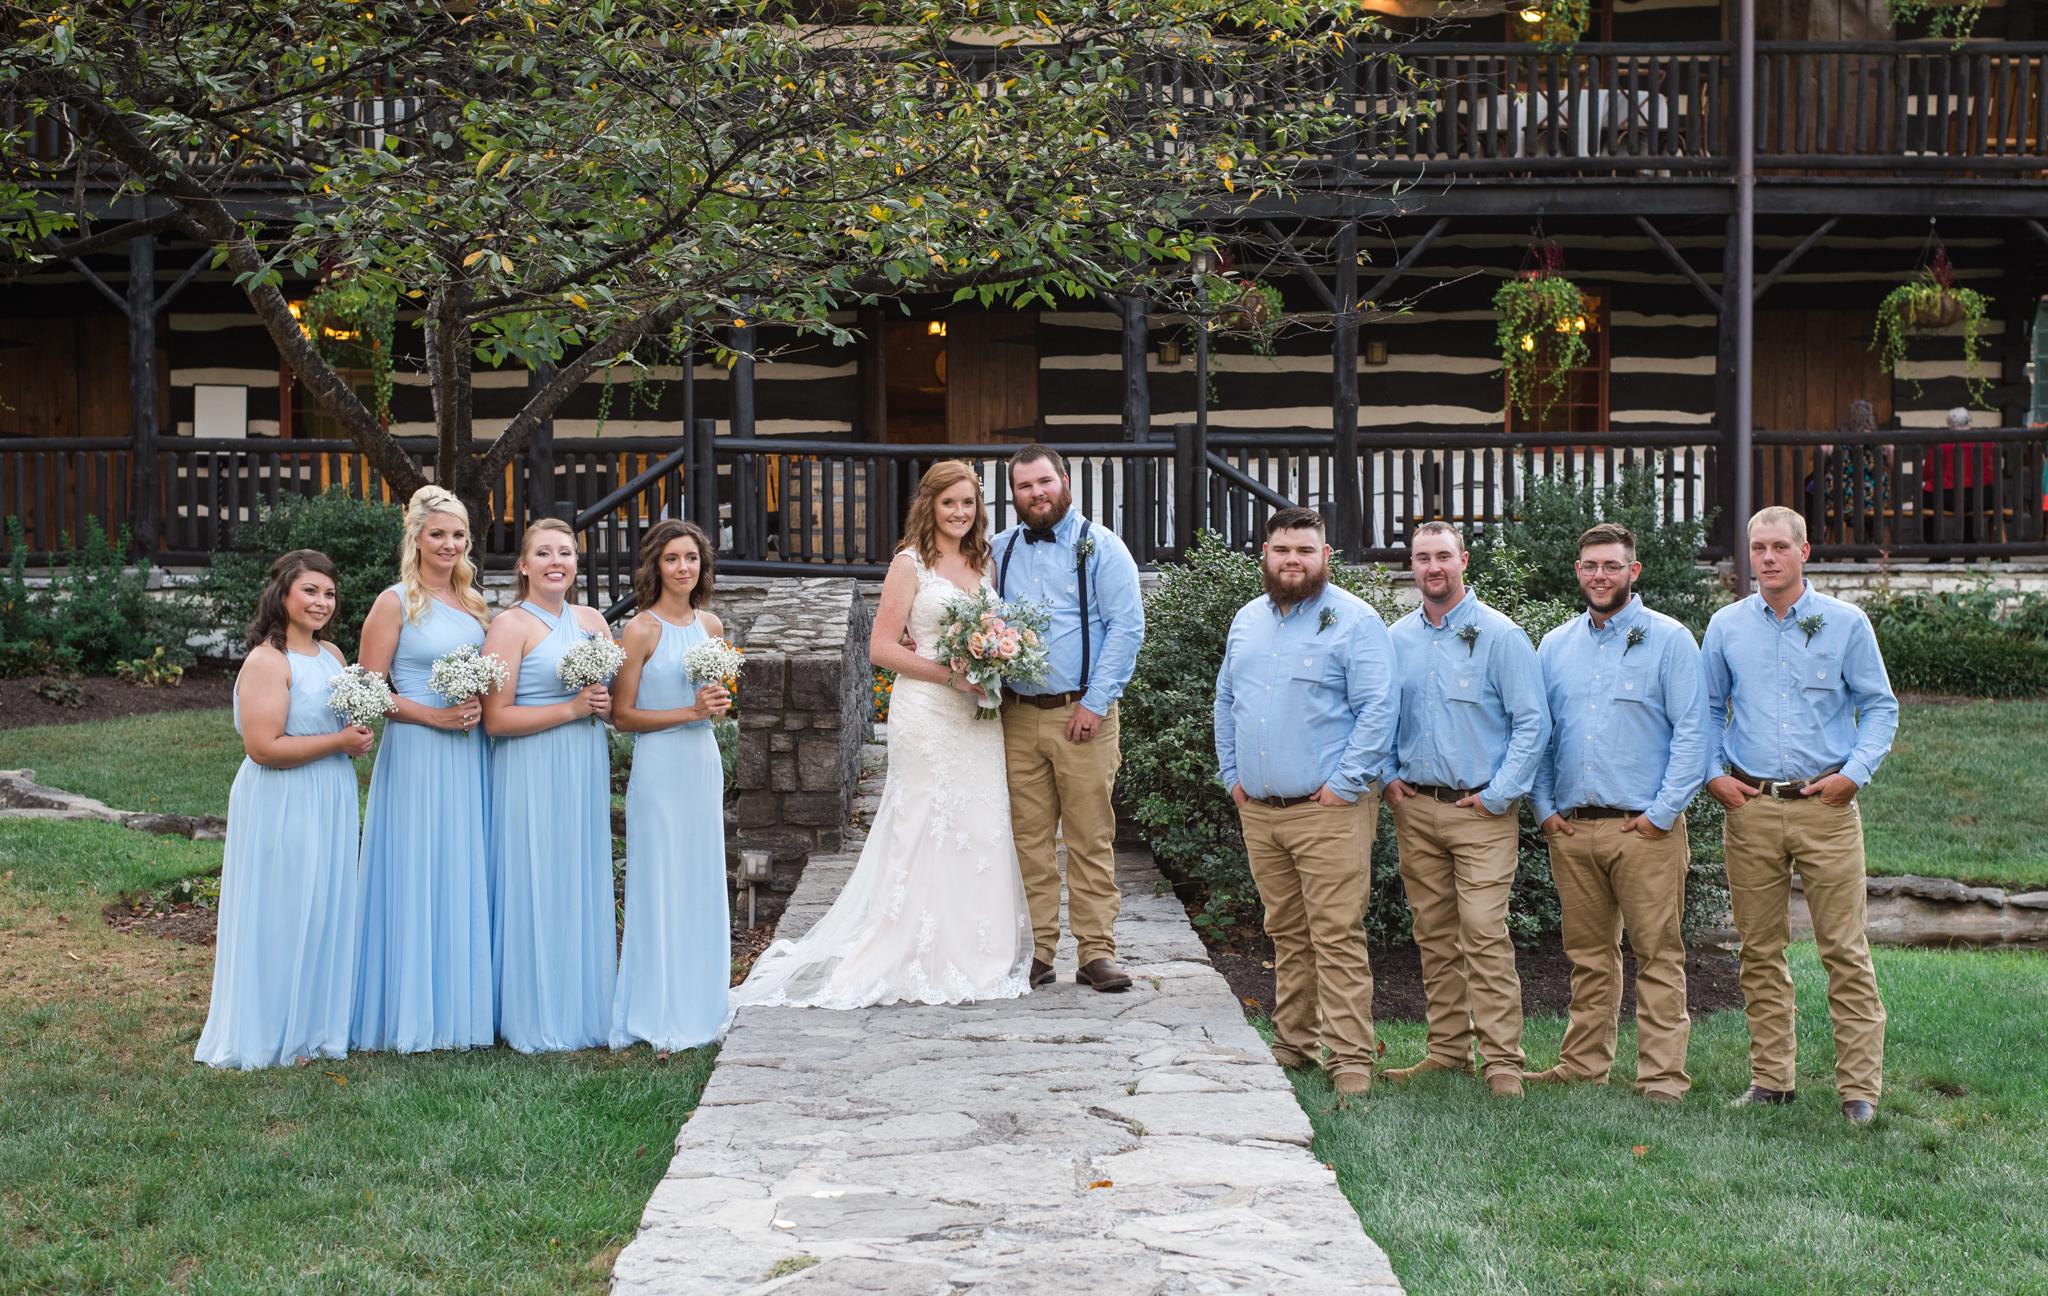 Kentucky wedding party